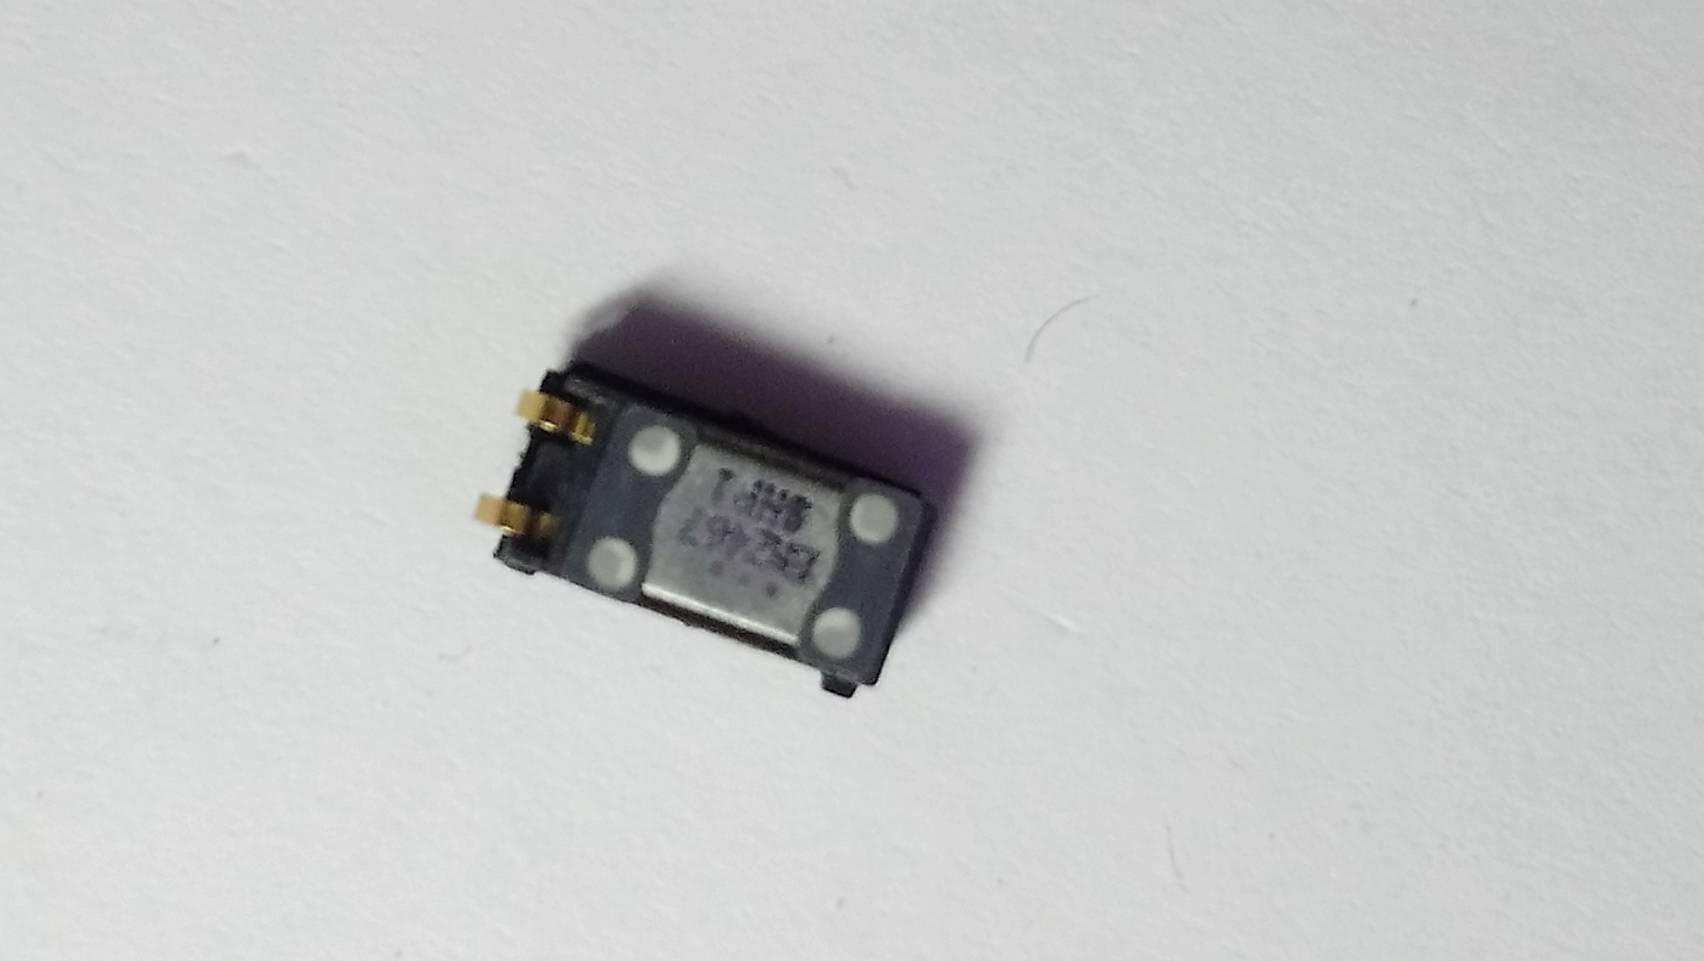 ลำโพงหน้า LG G3 D855 มือสอง